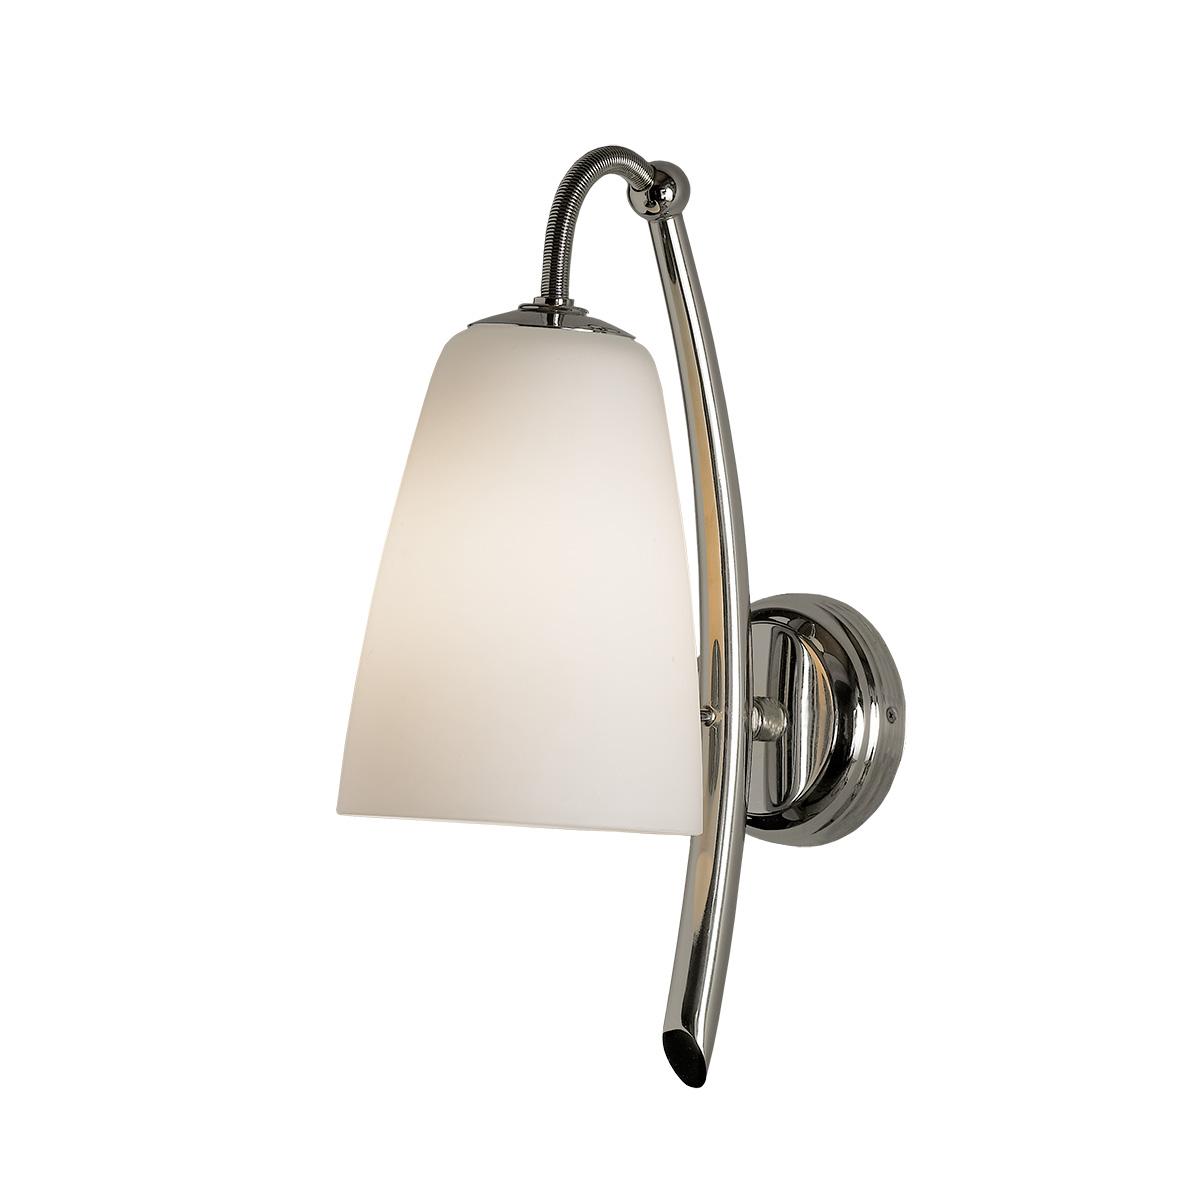 Μοντέρνα απλίκα SWING modern wall lamp